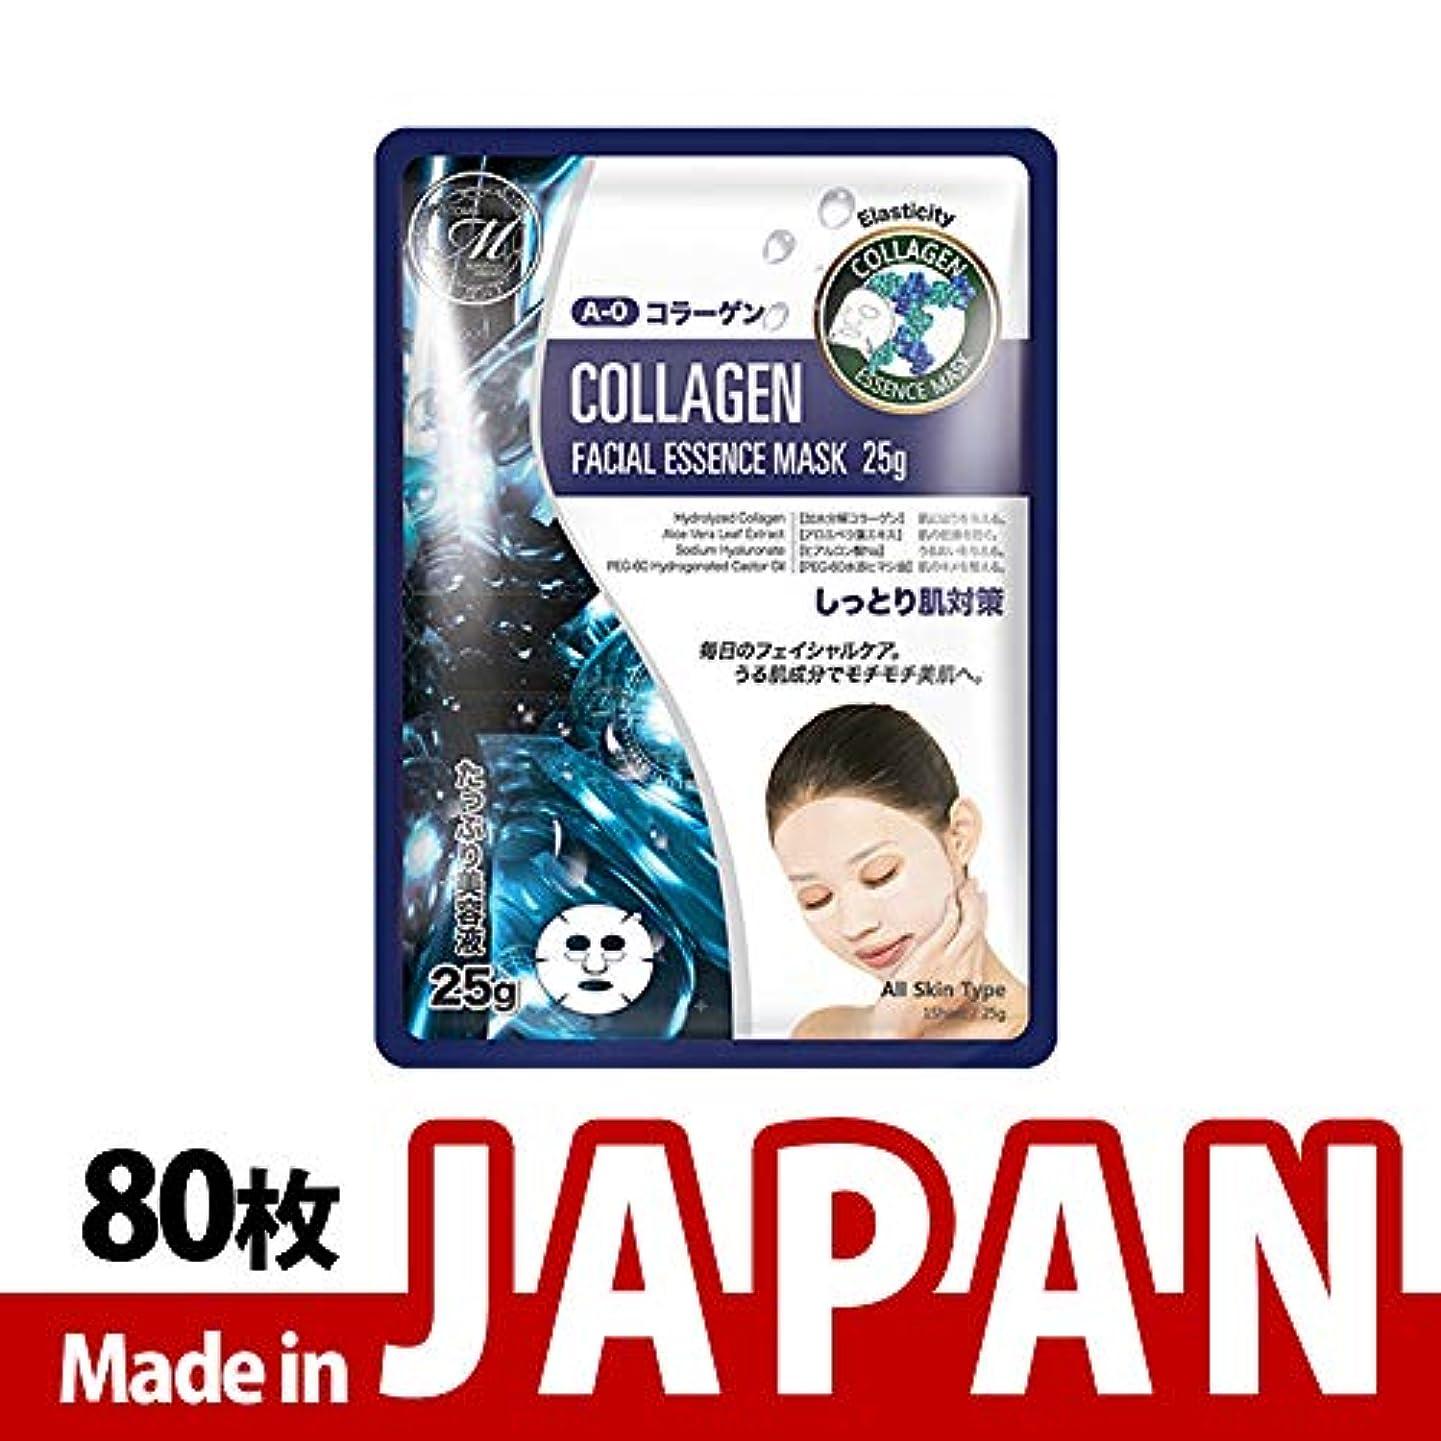 それにもかかわらずピケ闘争MITOMO【MT512-A-0】日本製シートマスク/10枚入り/80枚/美容液/マスクパック/送料無料